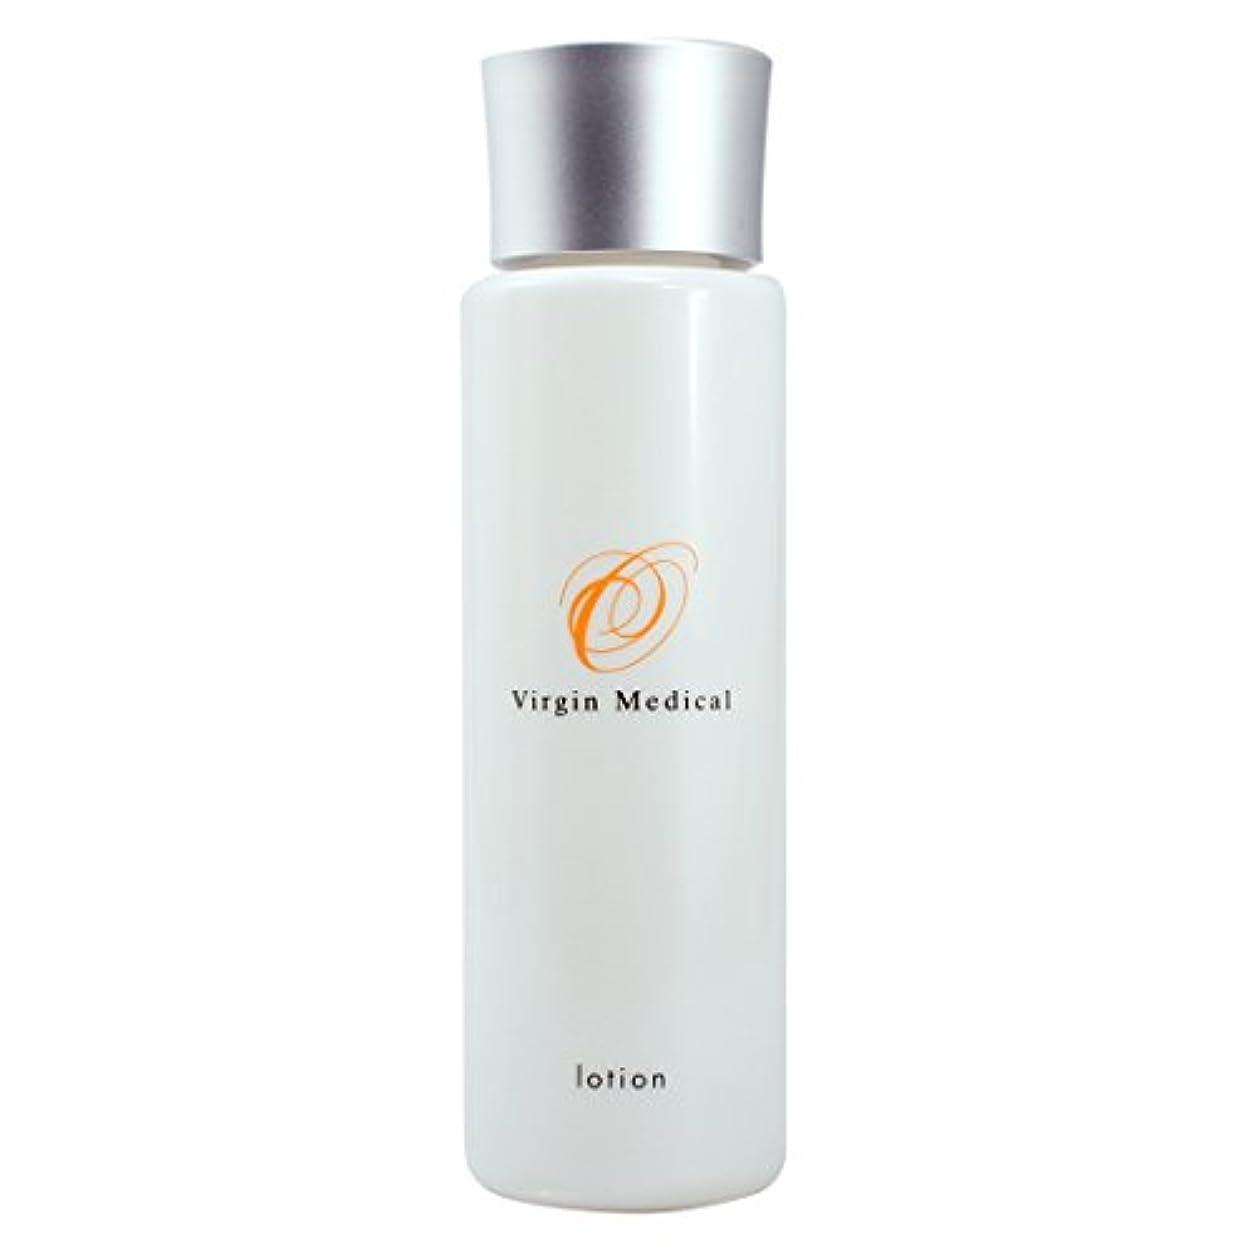 ヴァージンメディカル オゾン 浸透化粧水 セラミド配合 120ml バリアサプリメント バリア補強